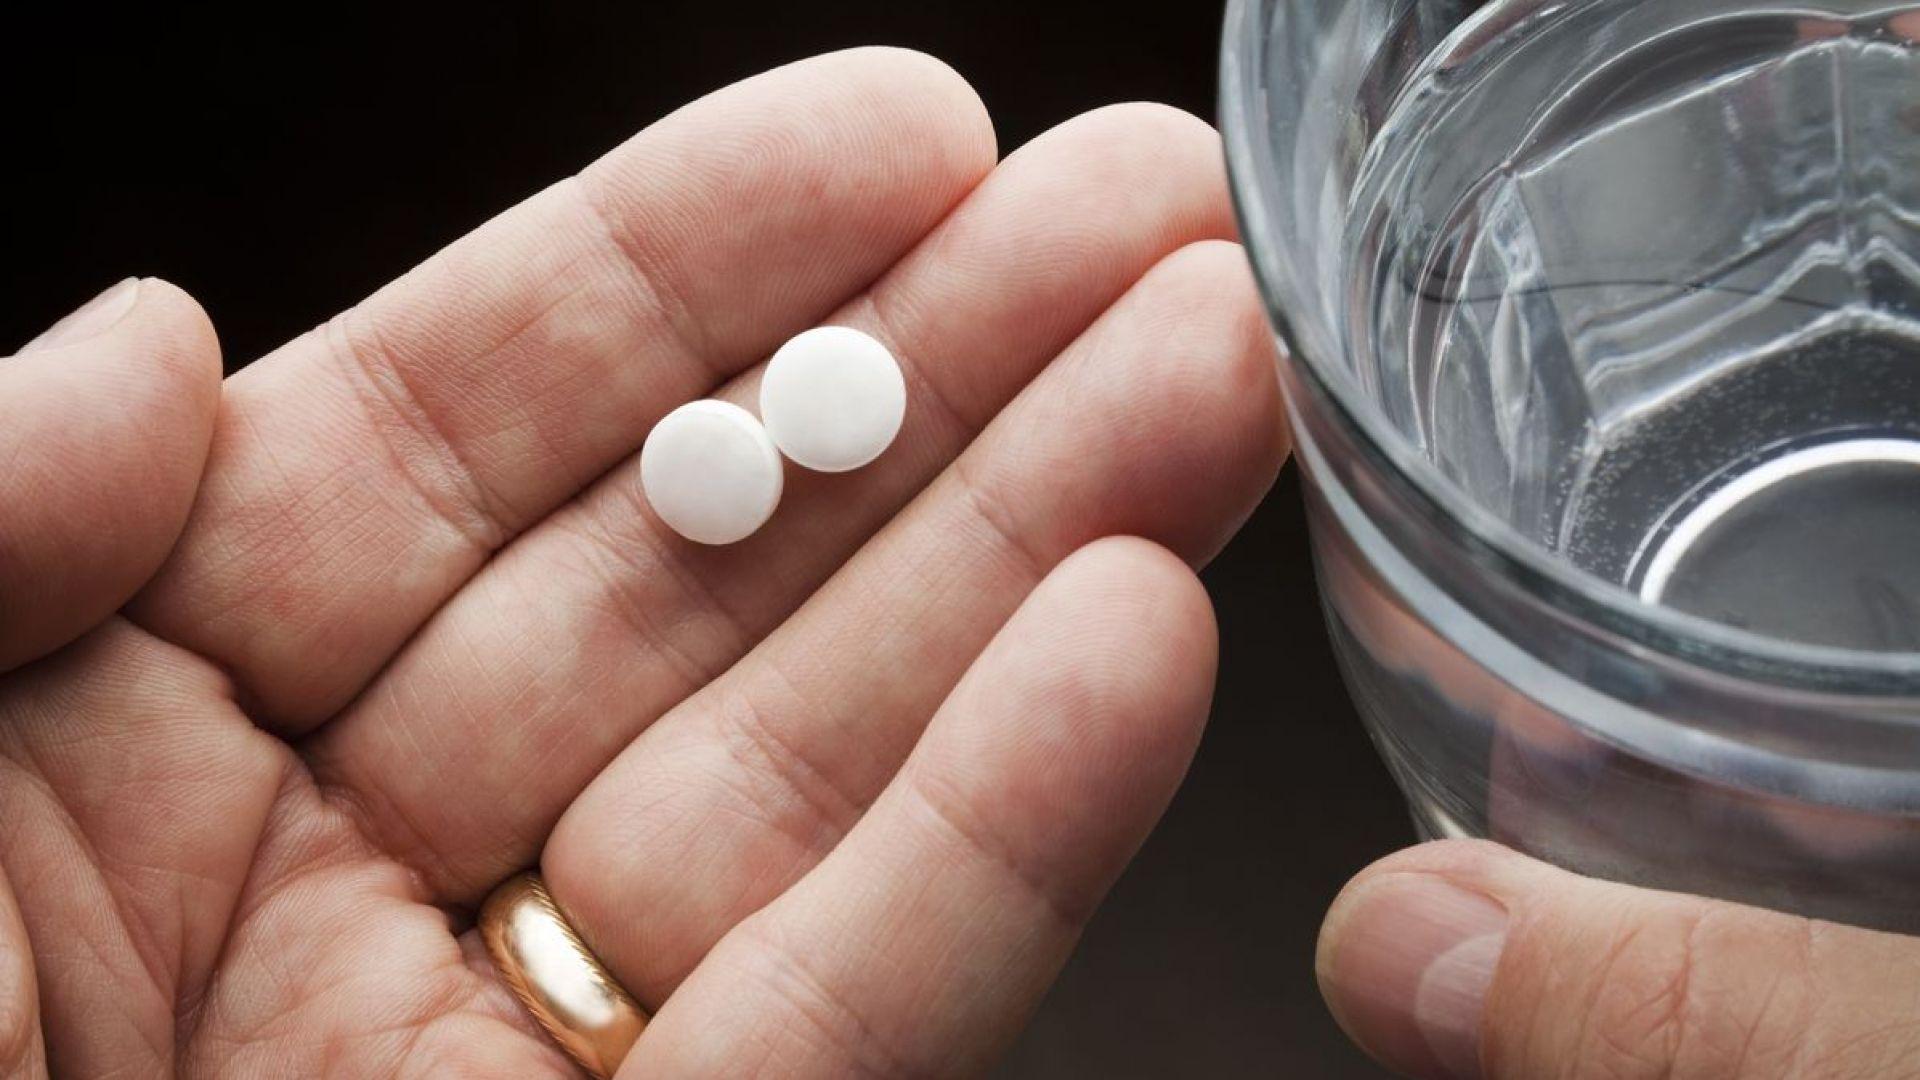 Милиони трябва да спрат приема на аспирин като превенция срещу инфаркт